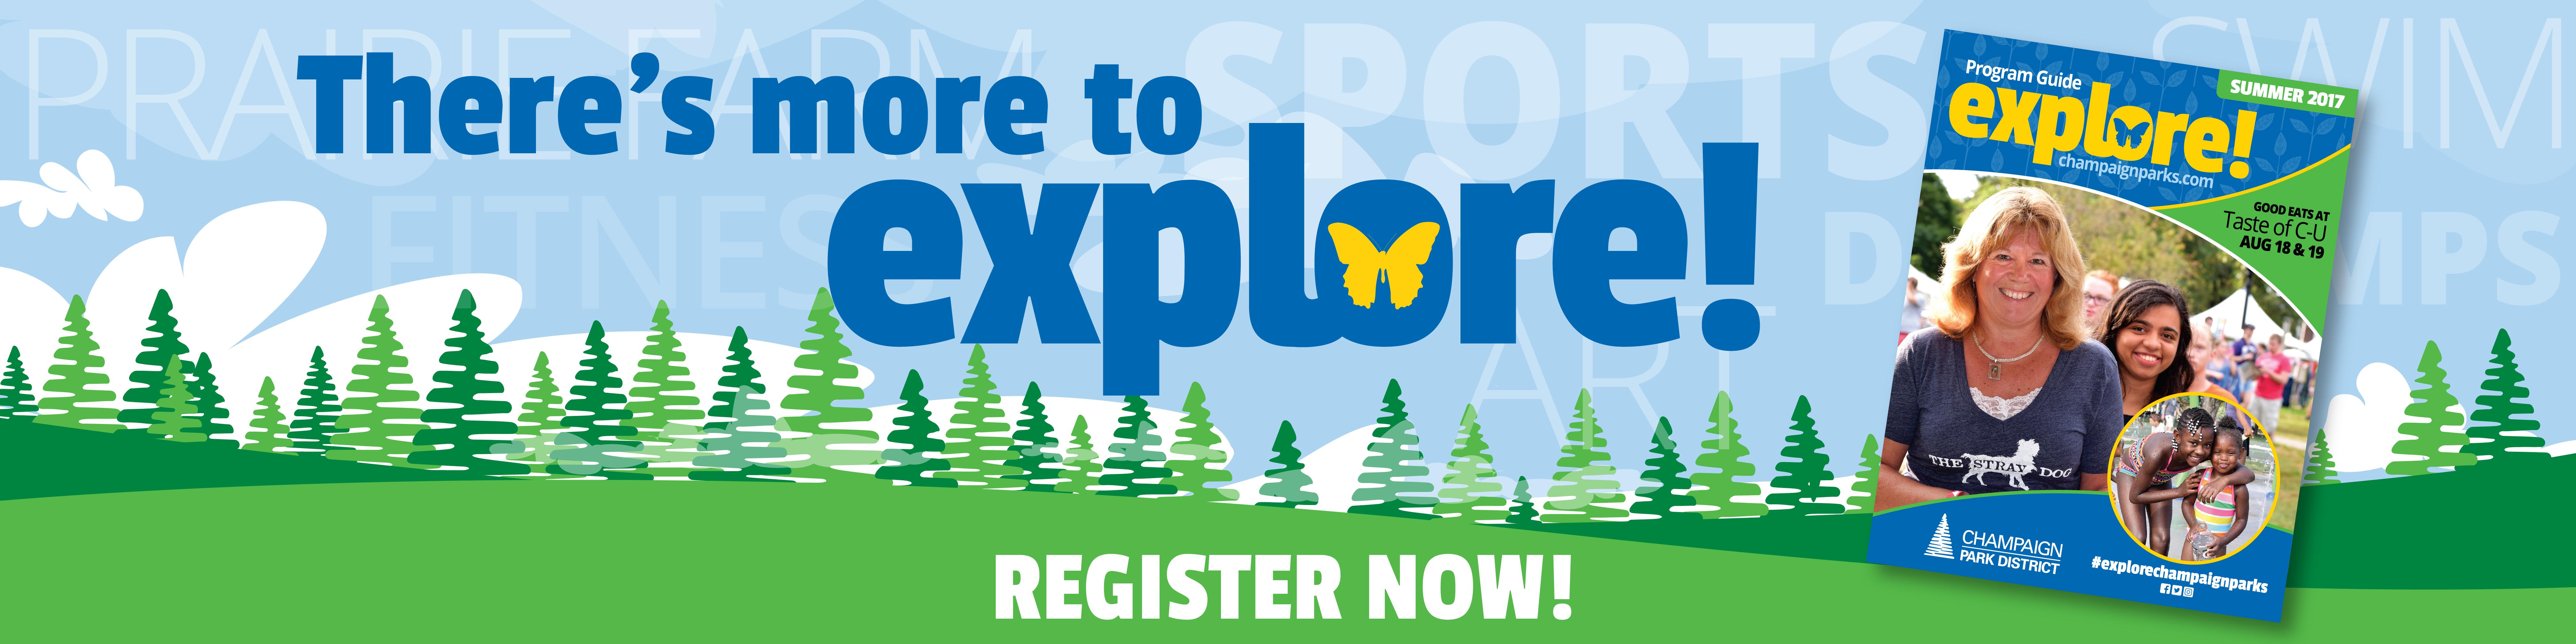 Register-for-Summer-2000x500-01-1